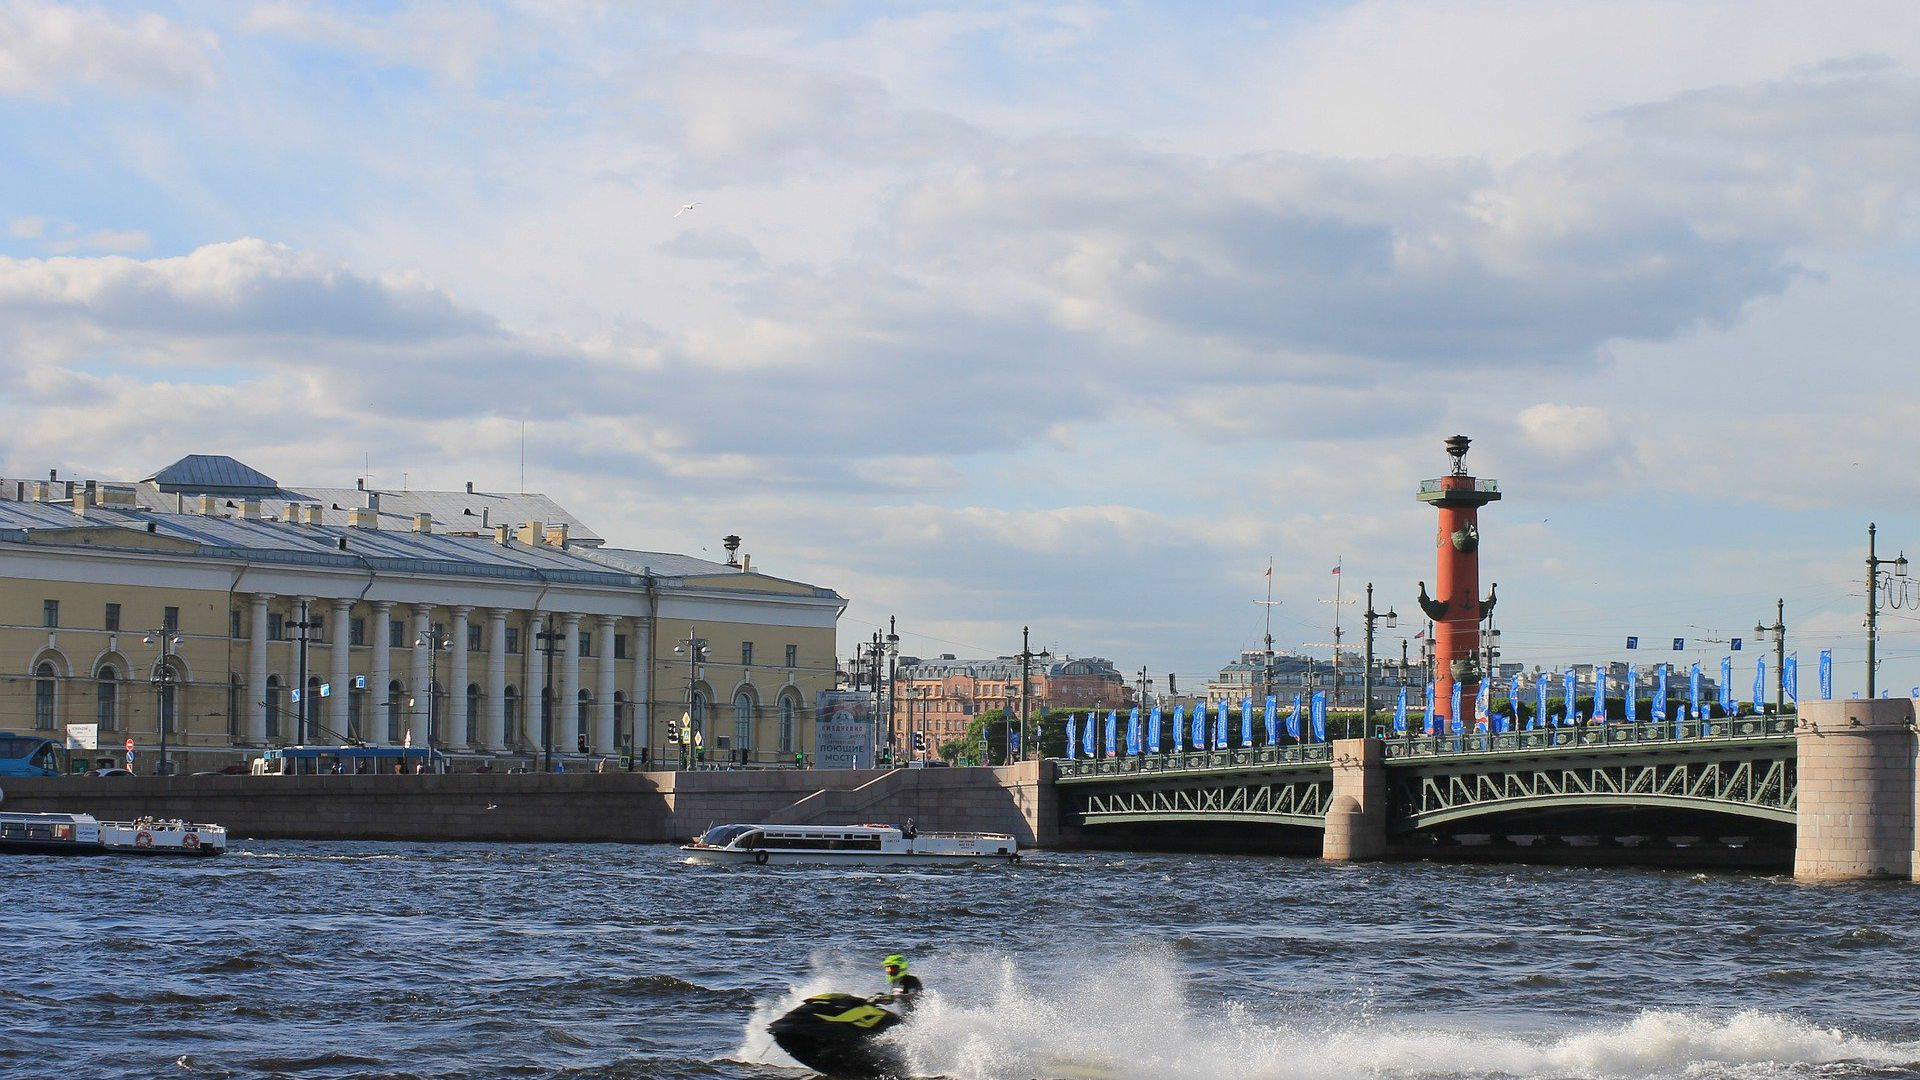 Знакомство с Петербургом: от Биржи к Адмиралтейству